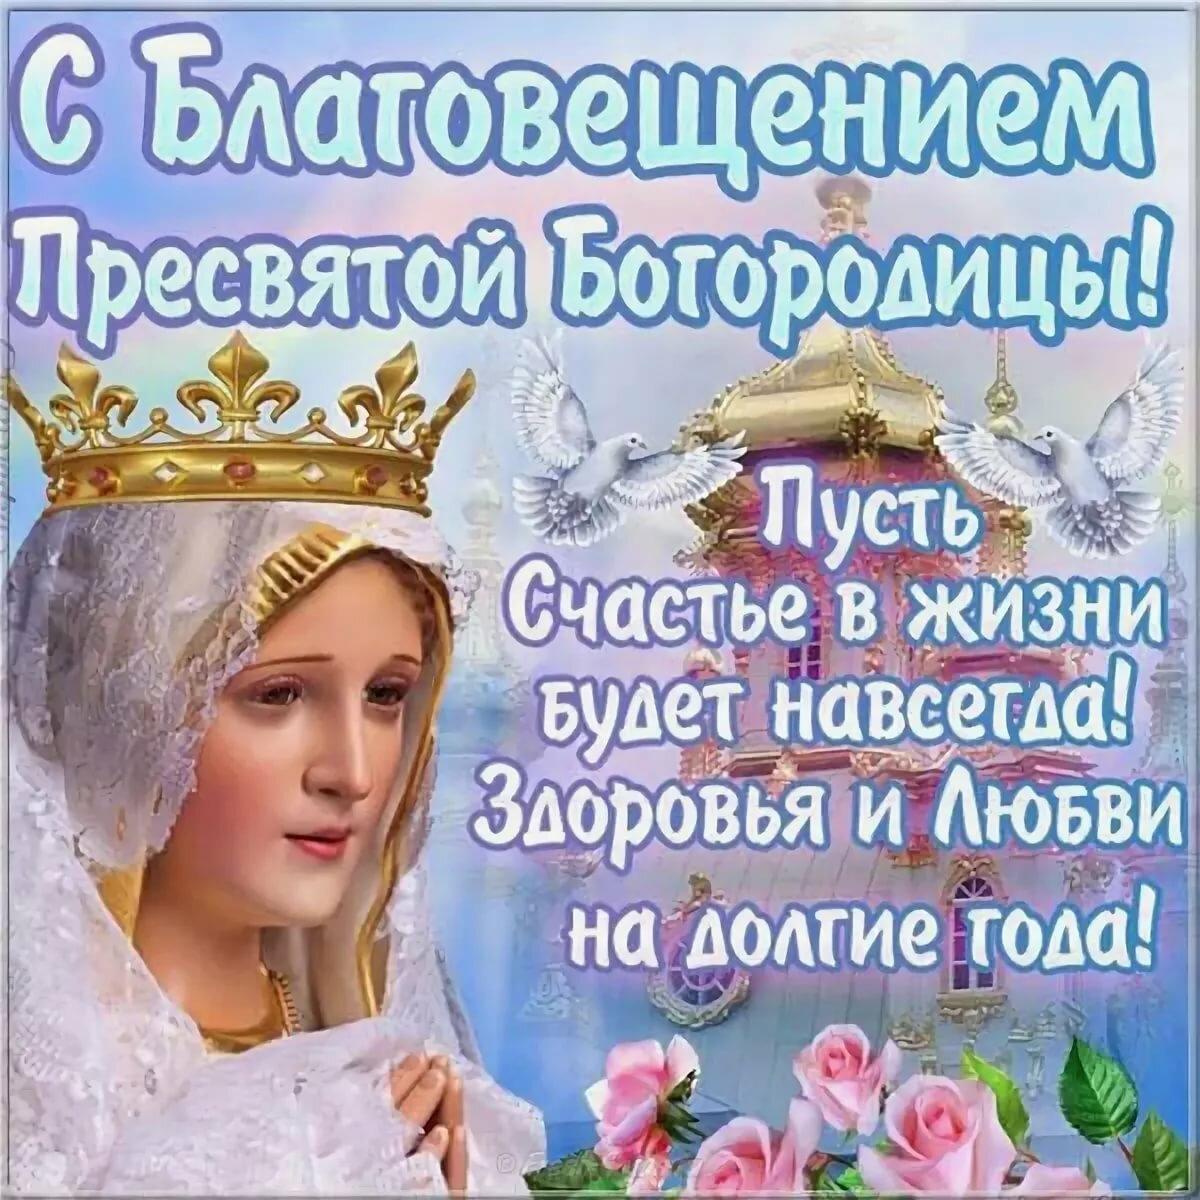 Днем, картинки с поздравлениями с праздником благовещения